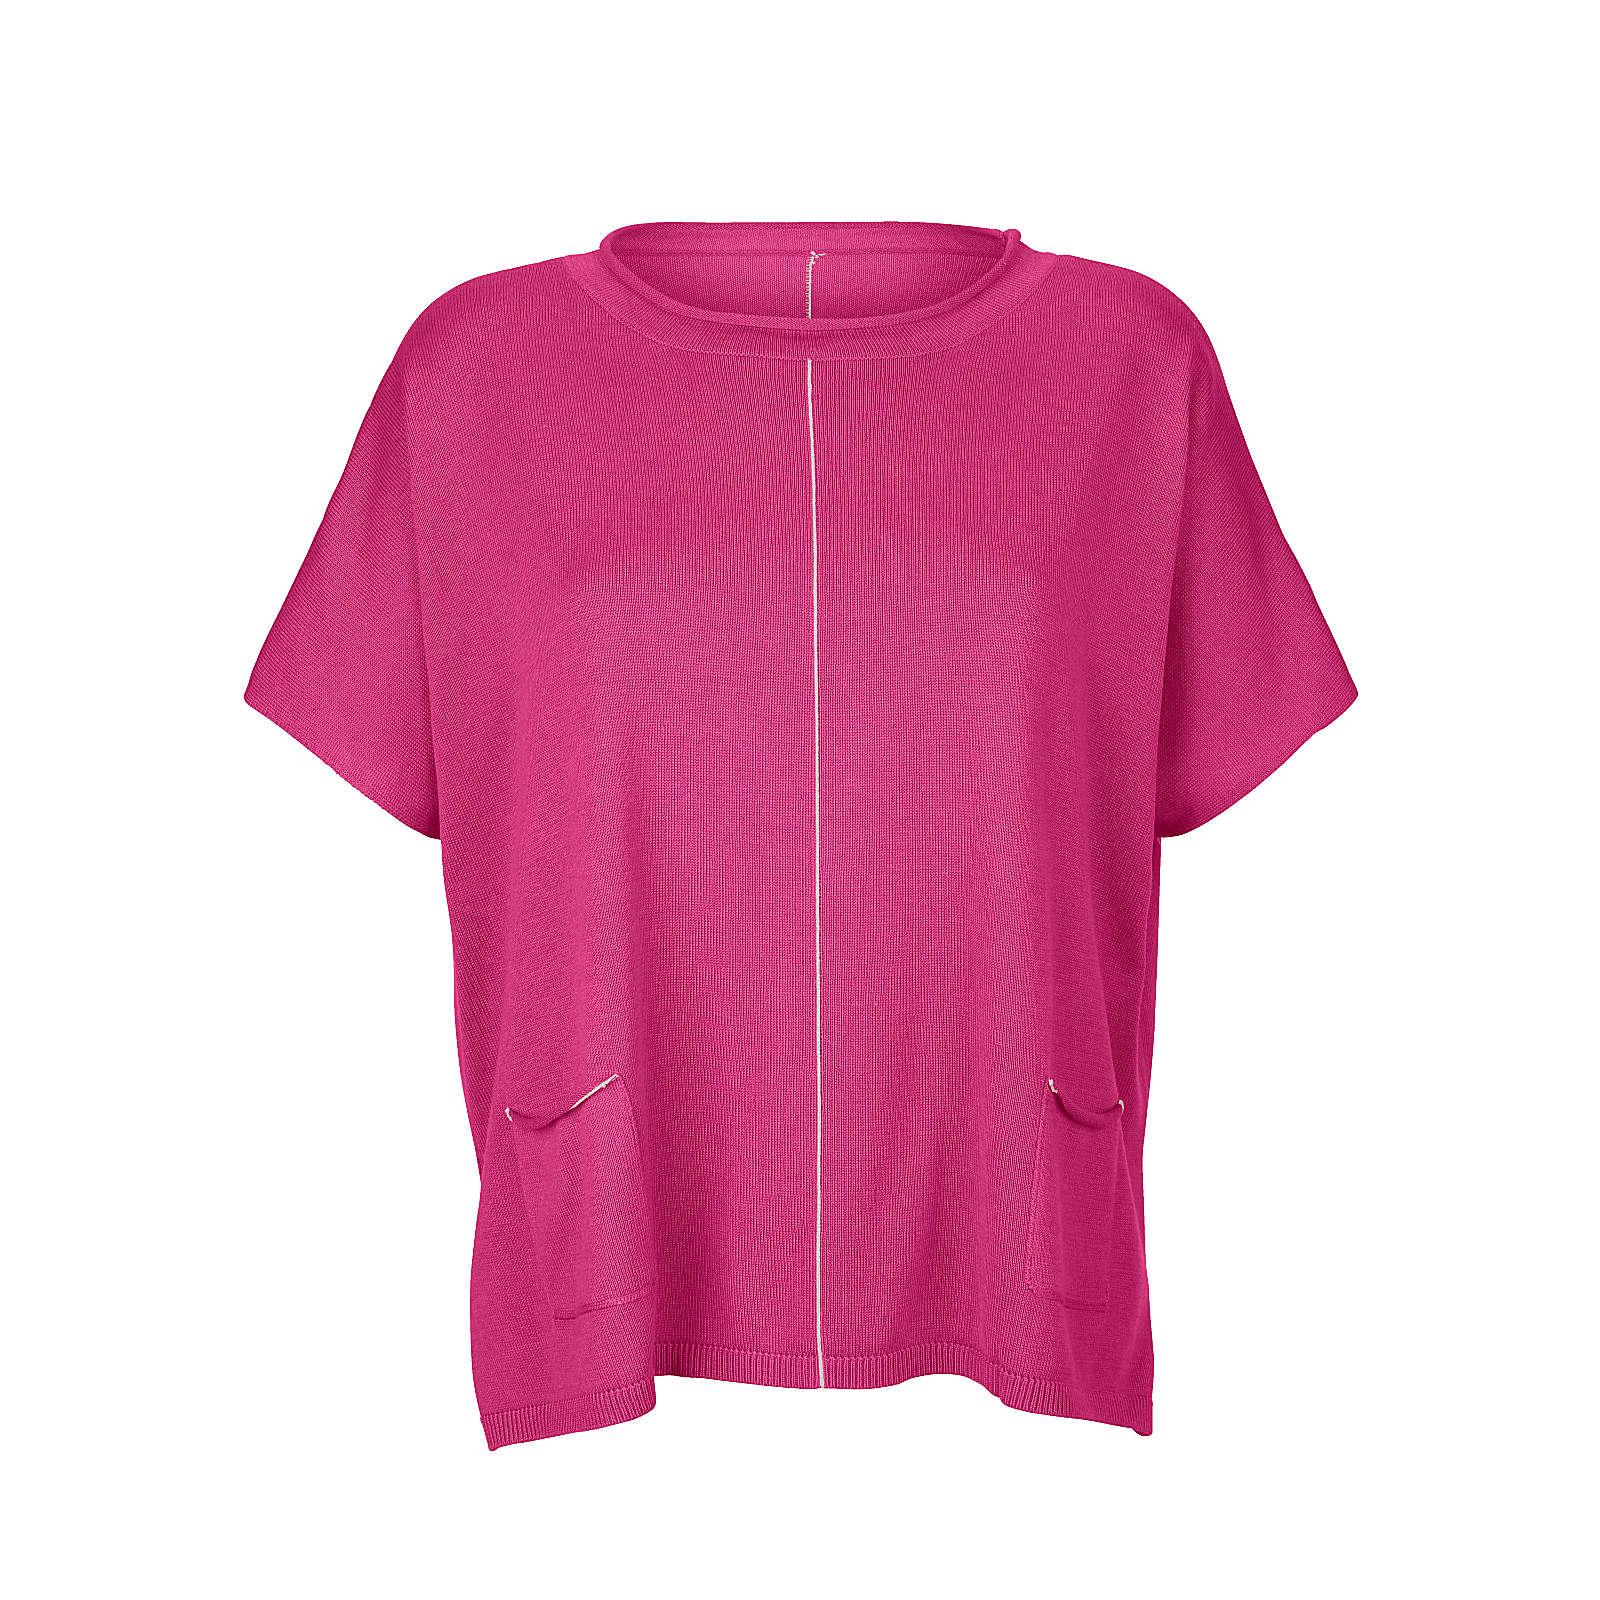 Alba Moda Pullover pink Damen Gr. 48/50